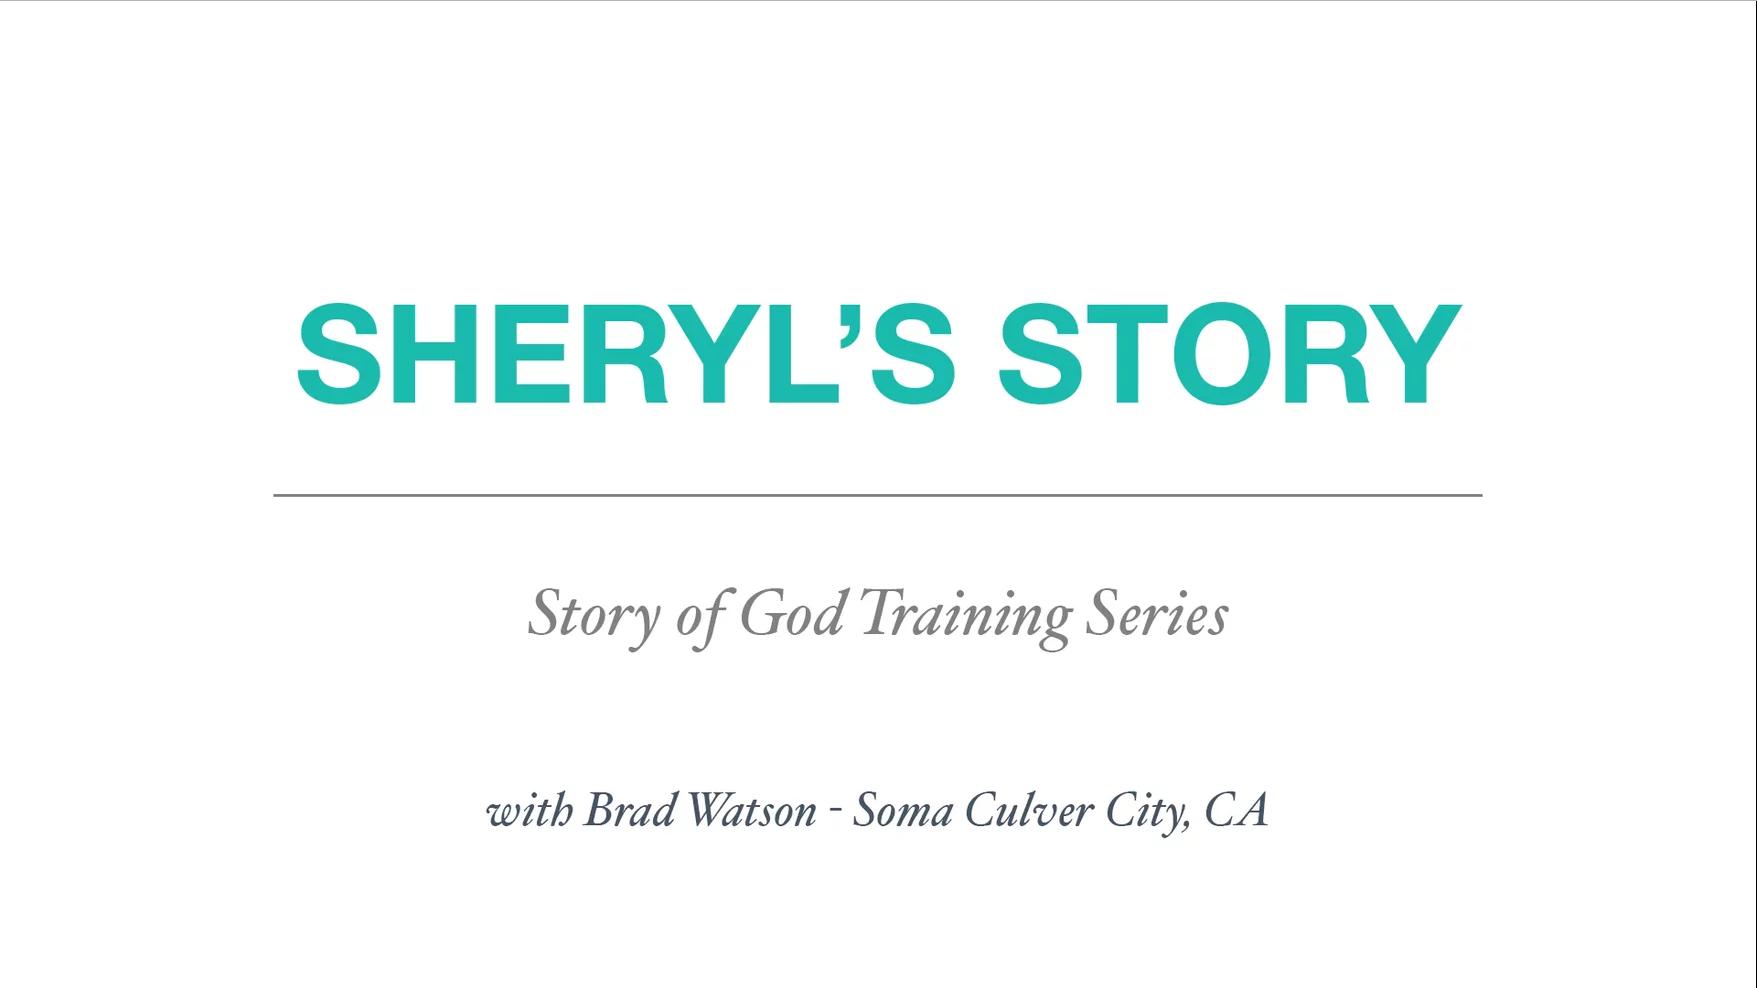 2 - Sheryl's Story